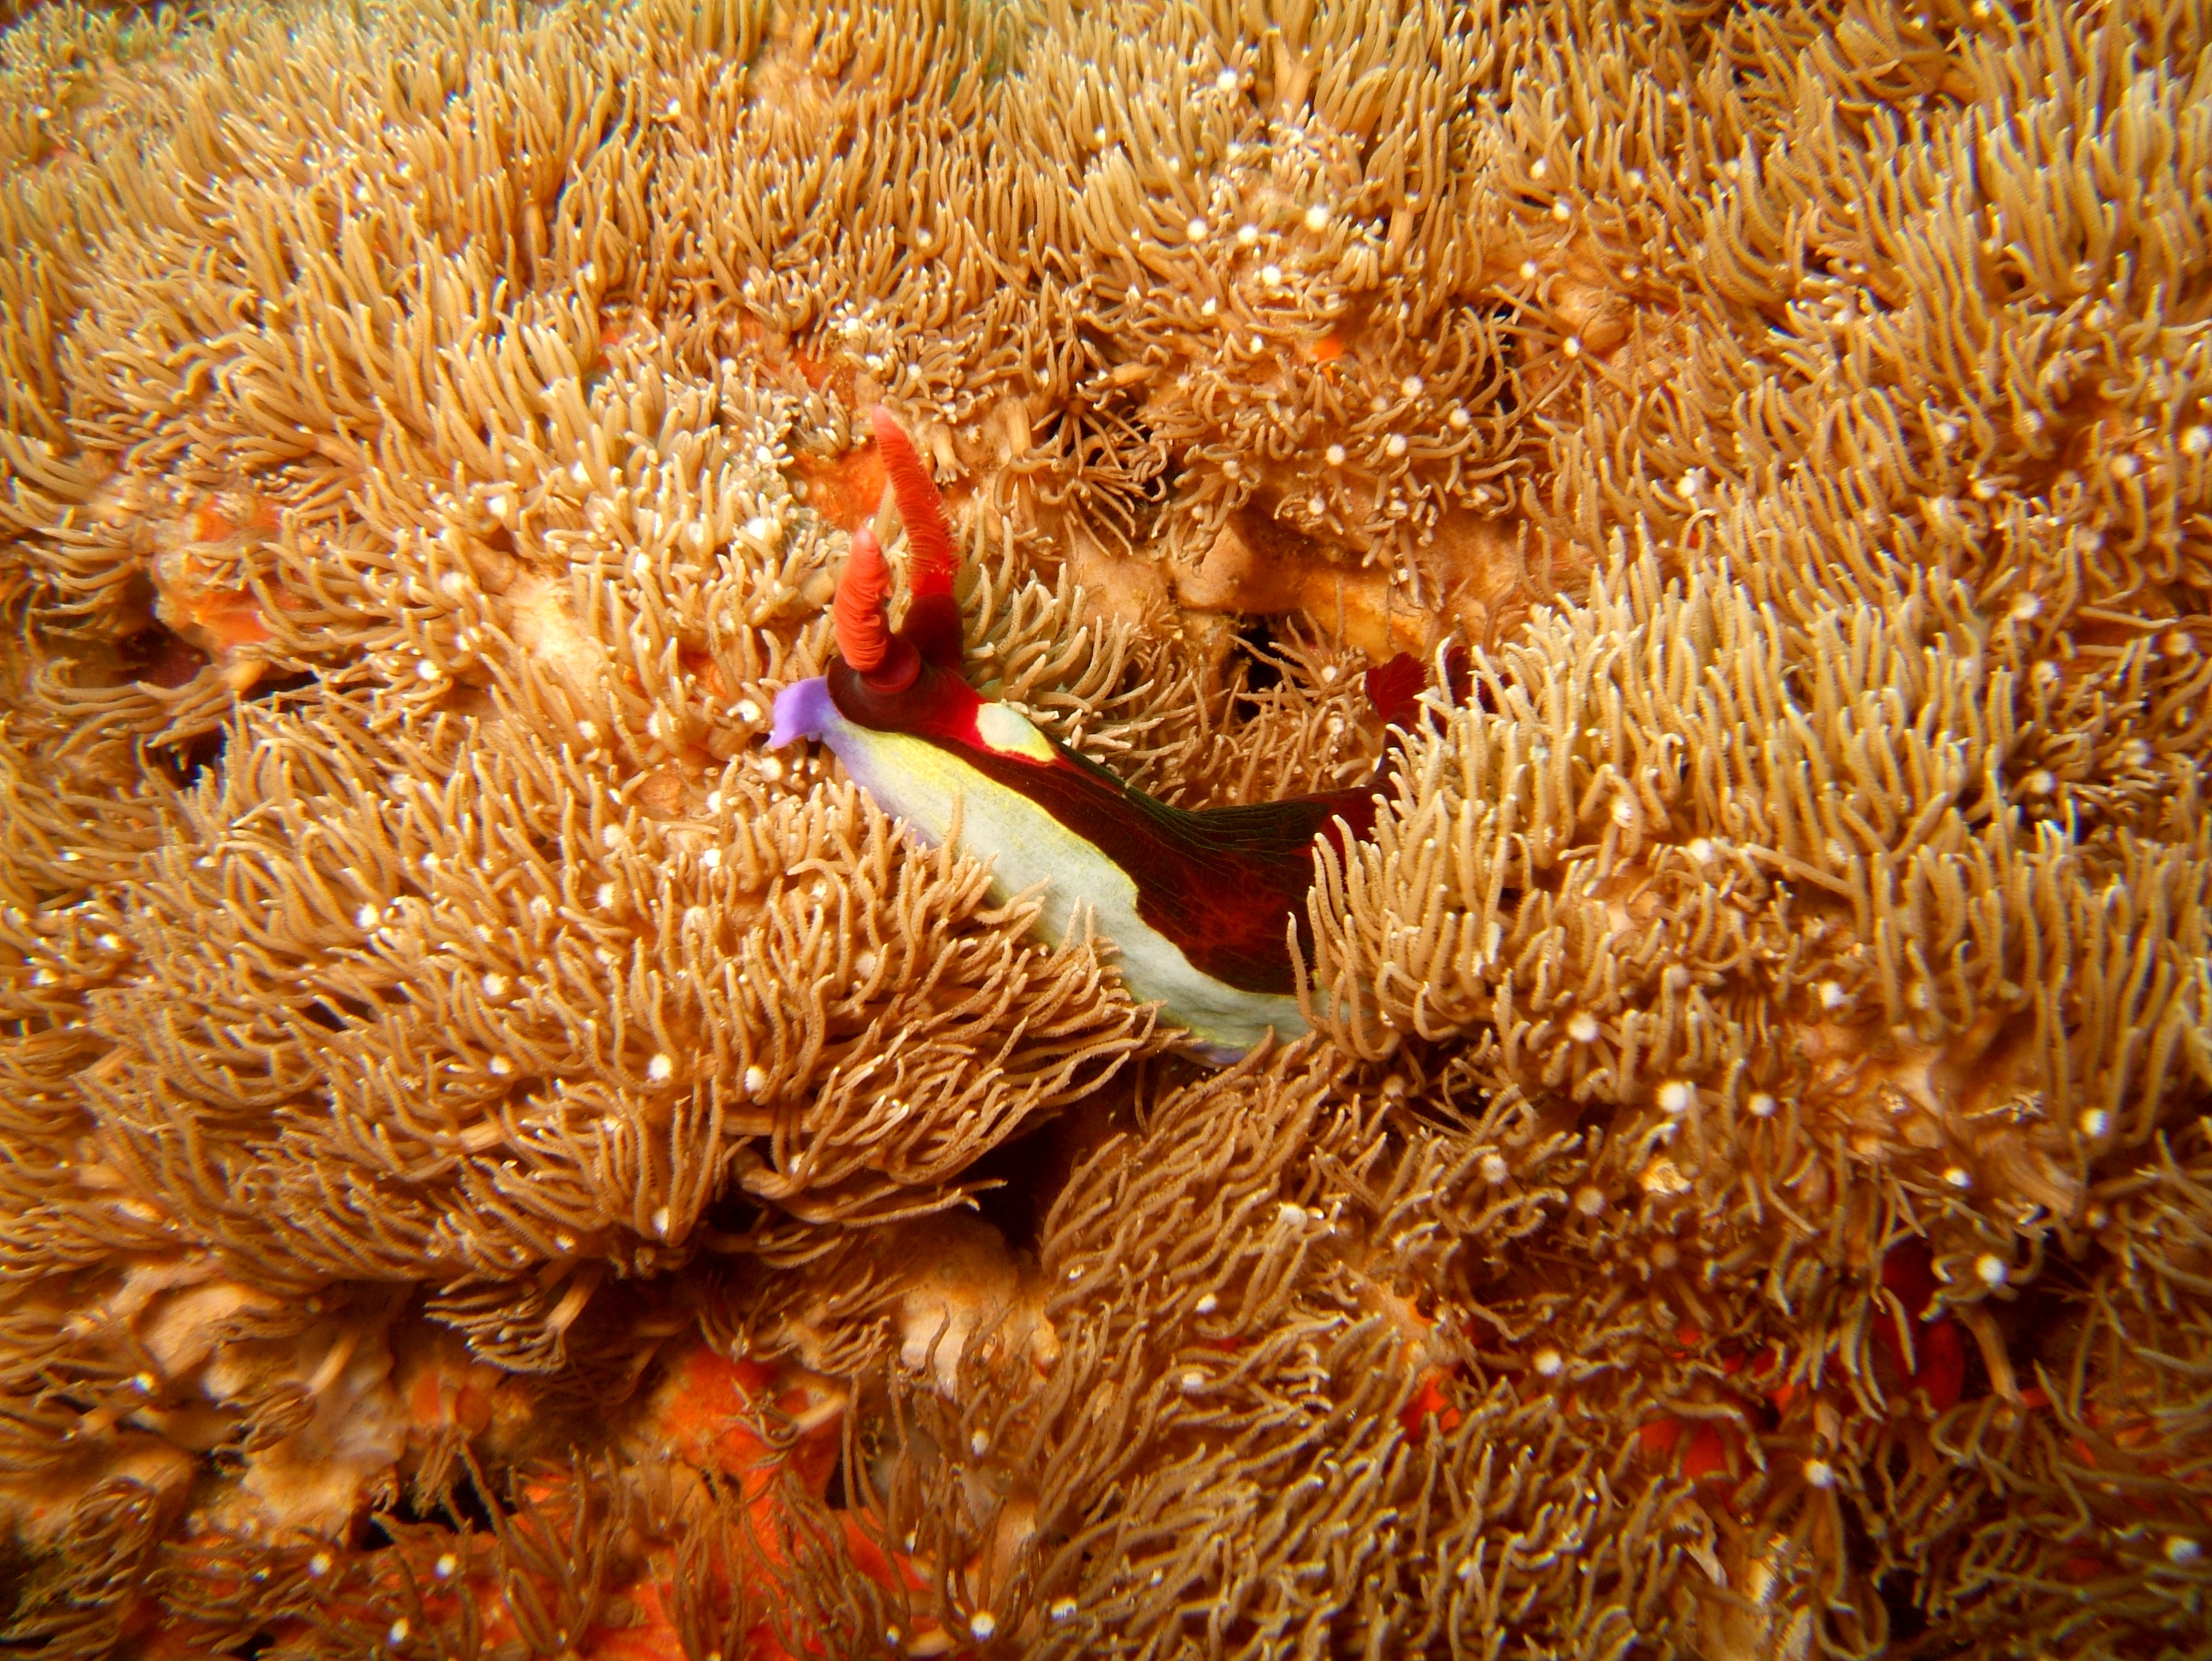 Dive 27 Philippines Mindoro Verdi Island Nov 2005 42